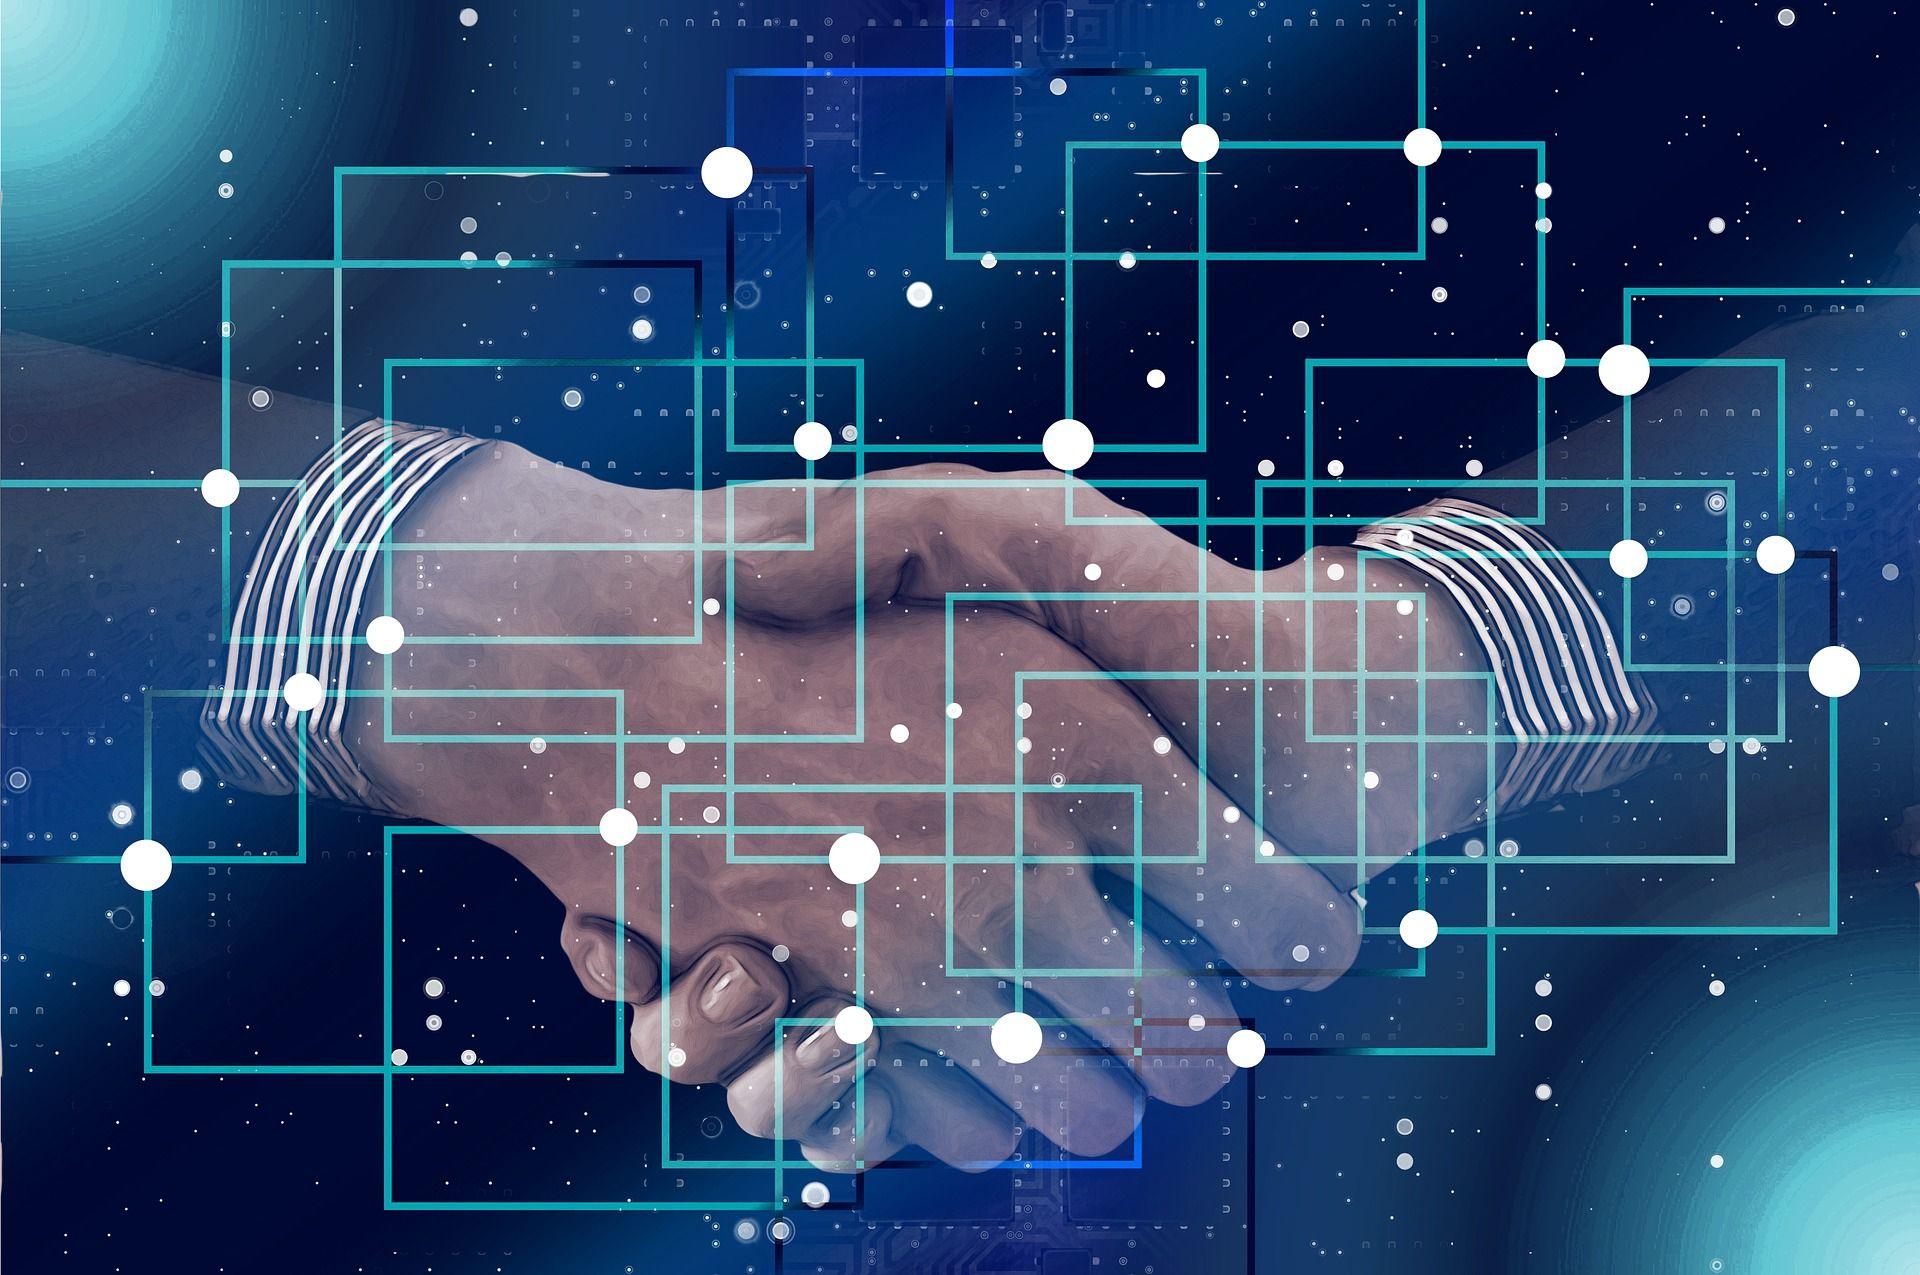 Titelbild zu Moderne Banking-Ökosysteme vereinen die Vorteile von Banken und Fintechs / BankingHub